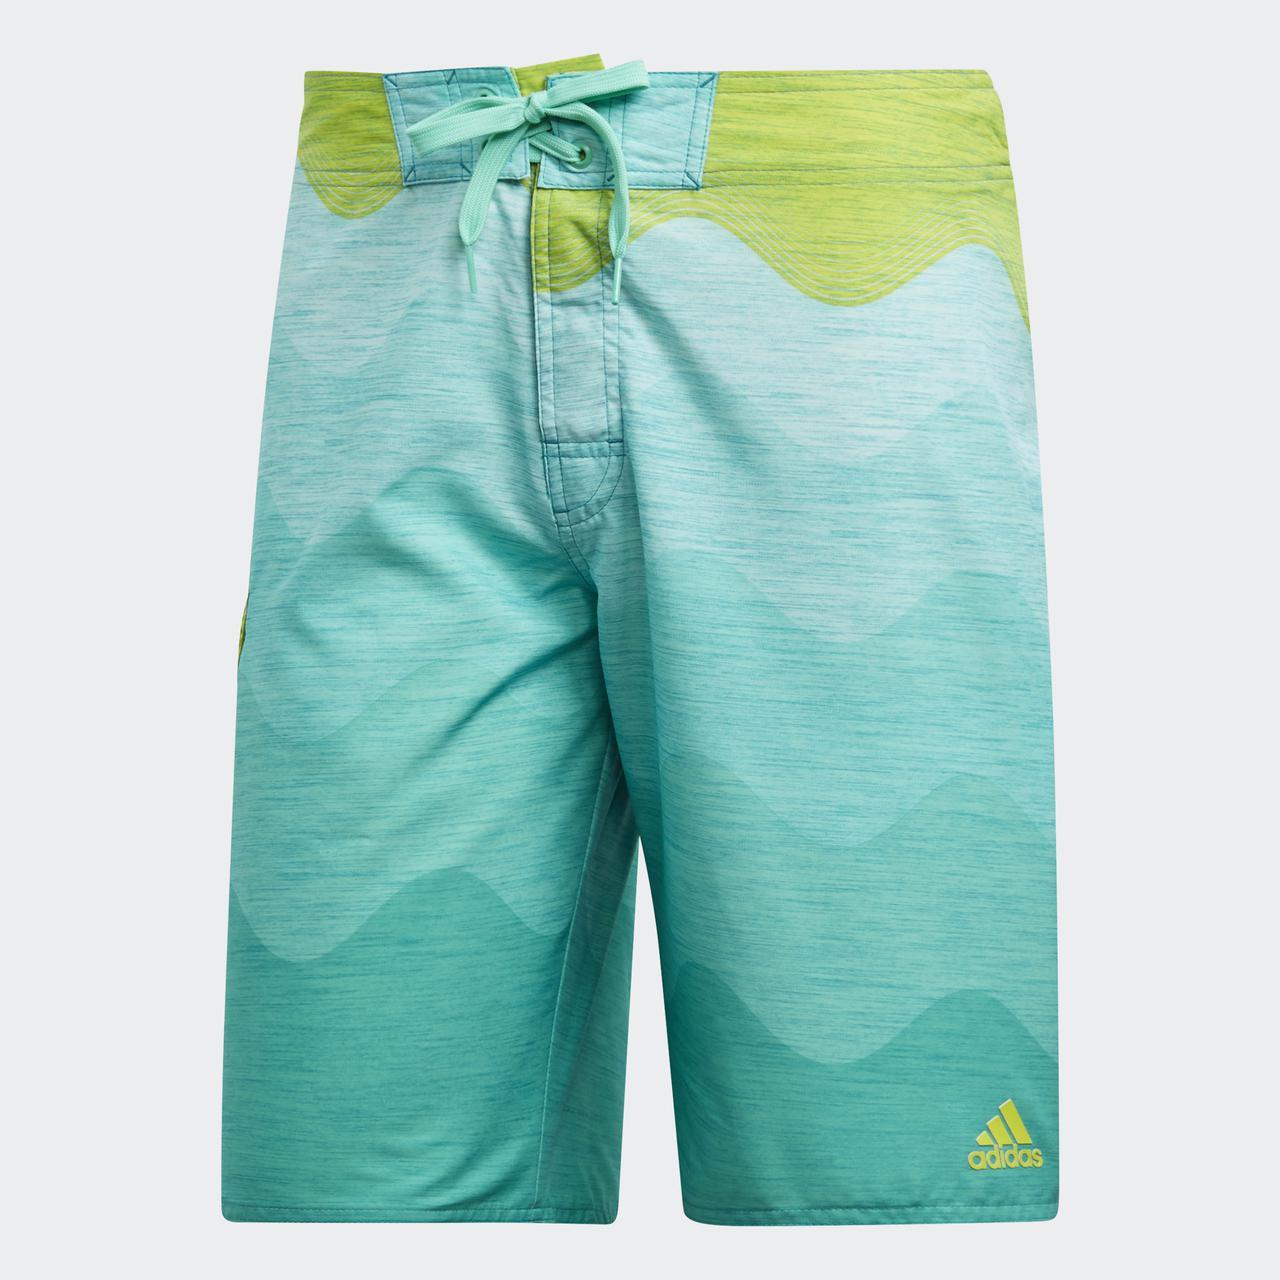 Мужские шорты Adidas Performance Wave (Артикул: CV5168)